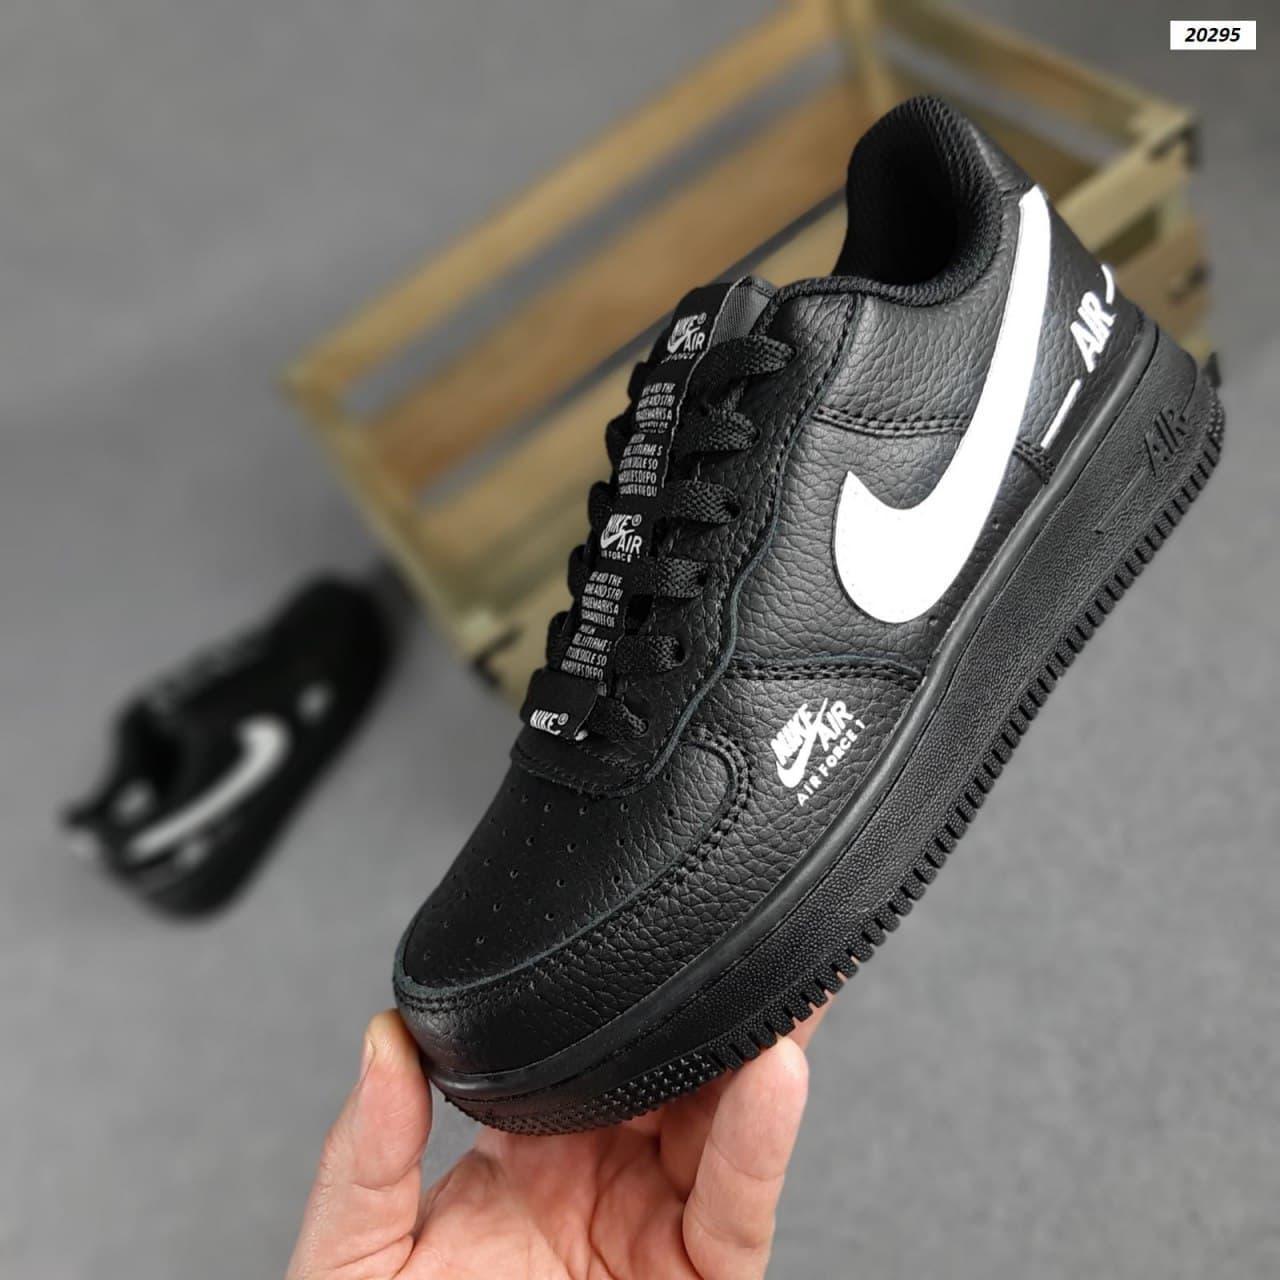 N1ke Air Force 1 кросівки чоловічі